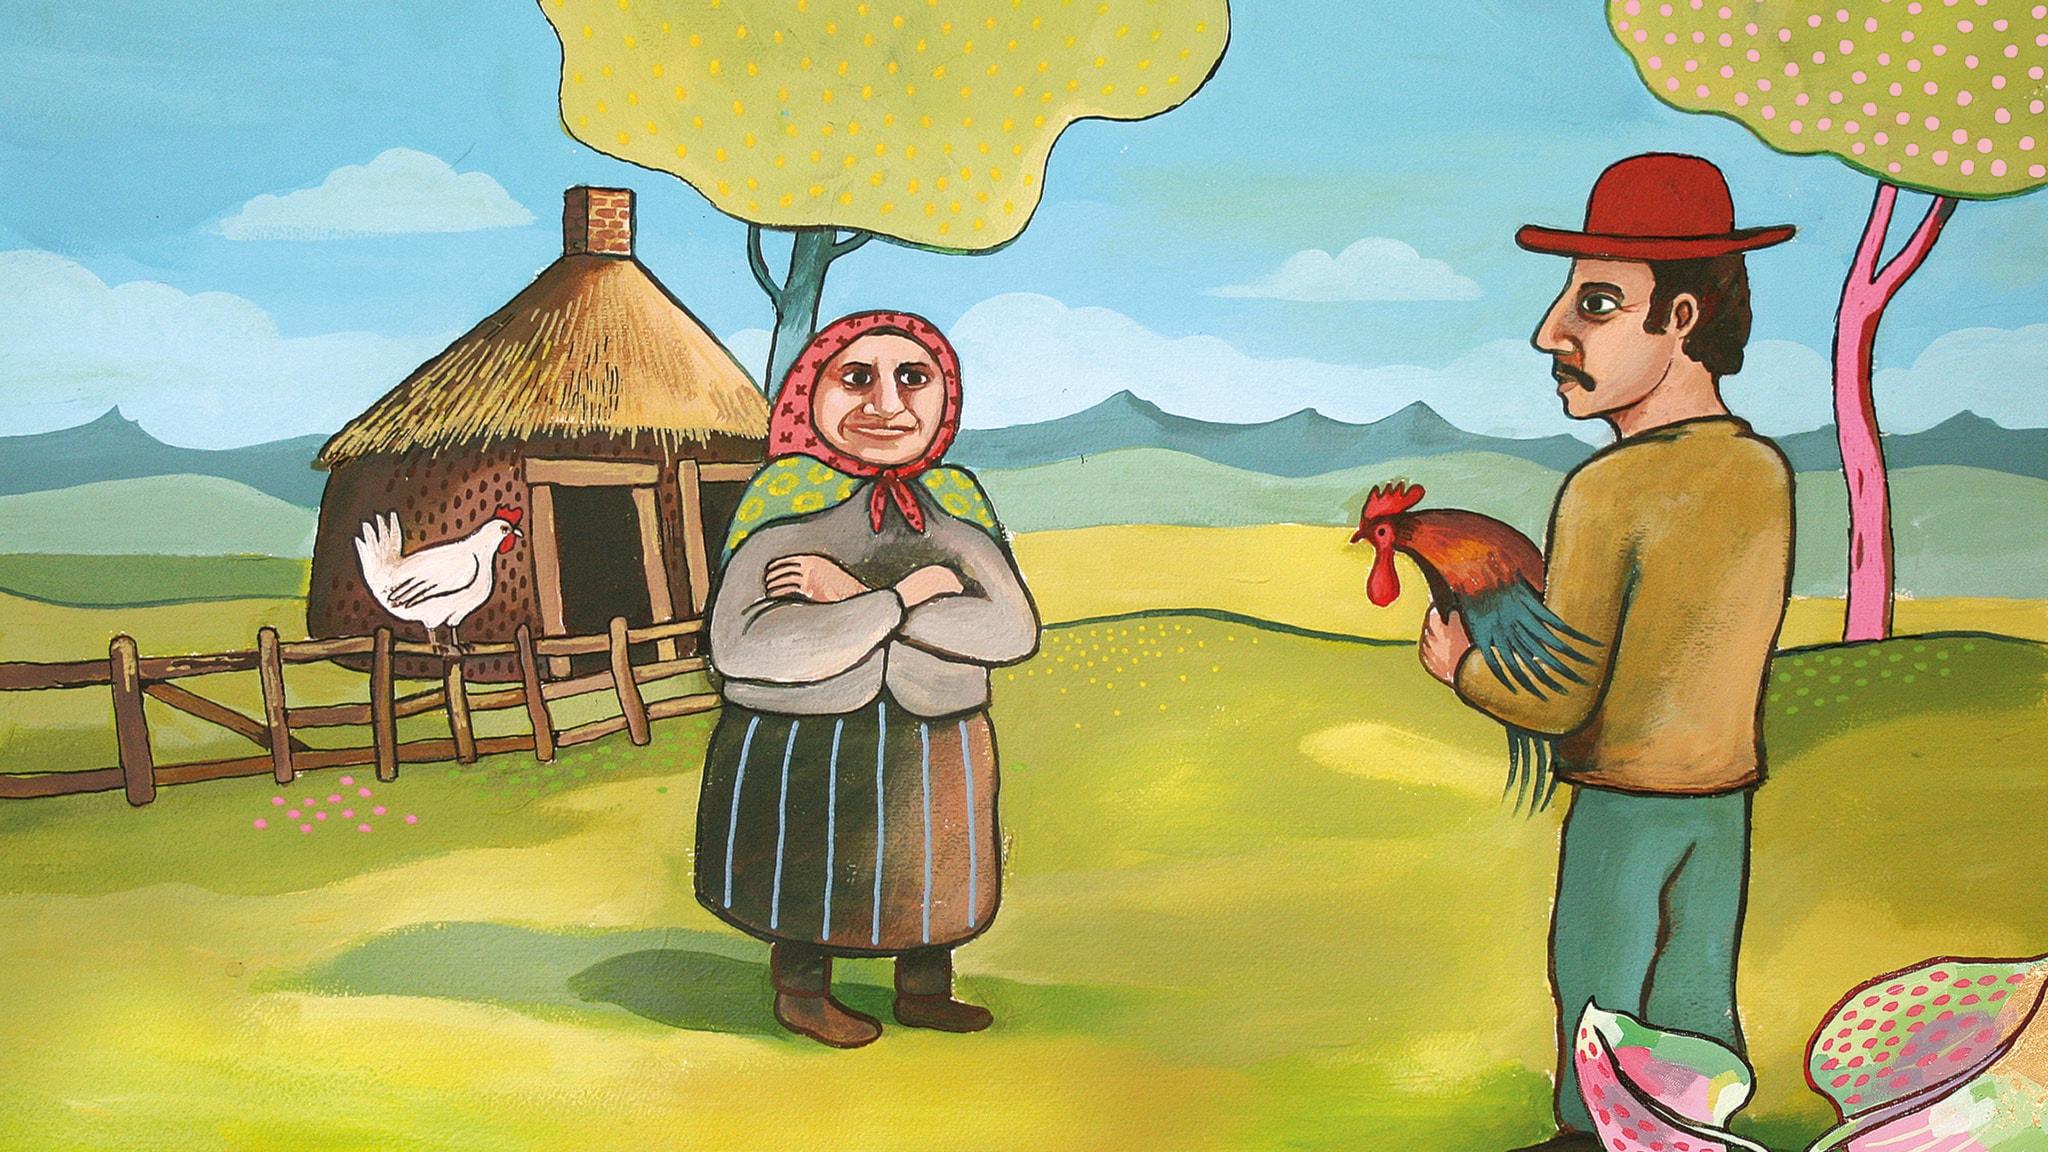 Gubben och den kloka tuppen. Illustration: Jonas Rahm.